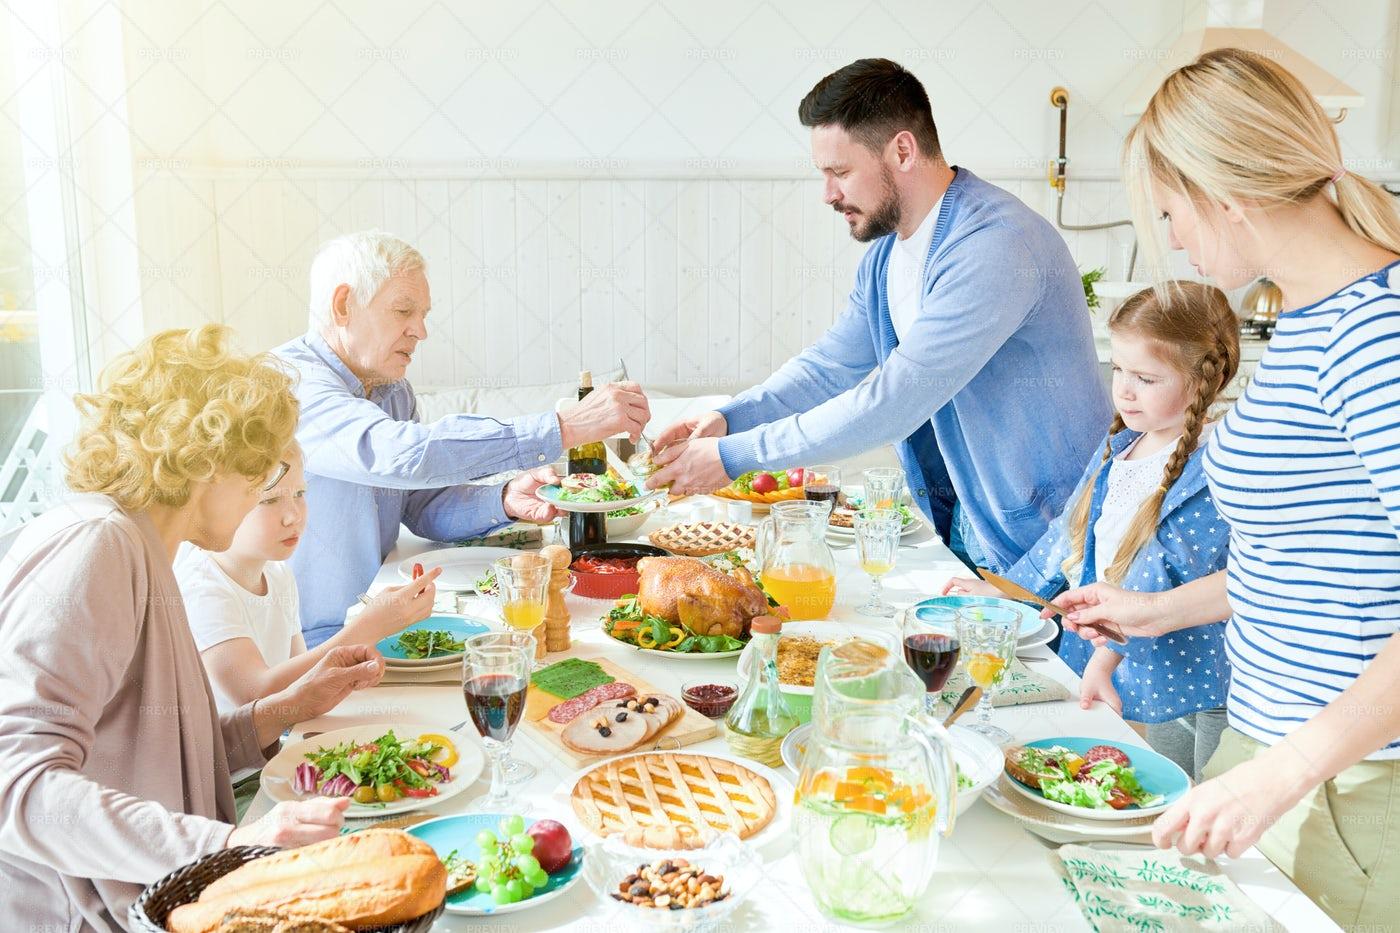 Family Enjoying Festive Dinner In...: Stock Photos